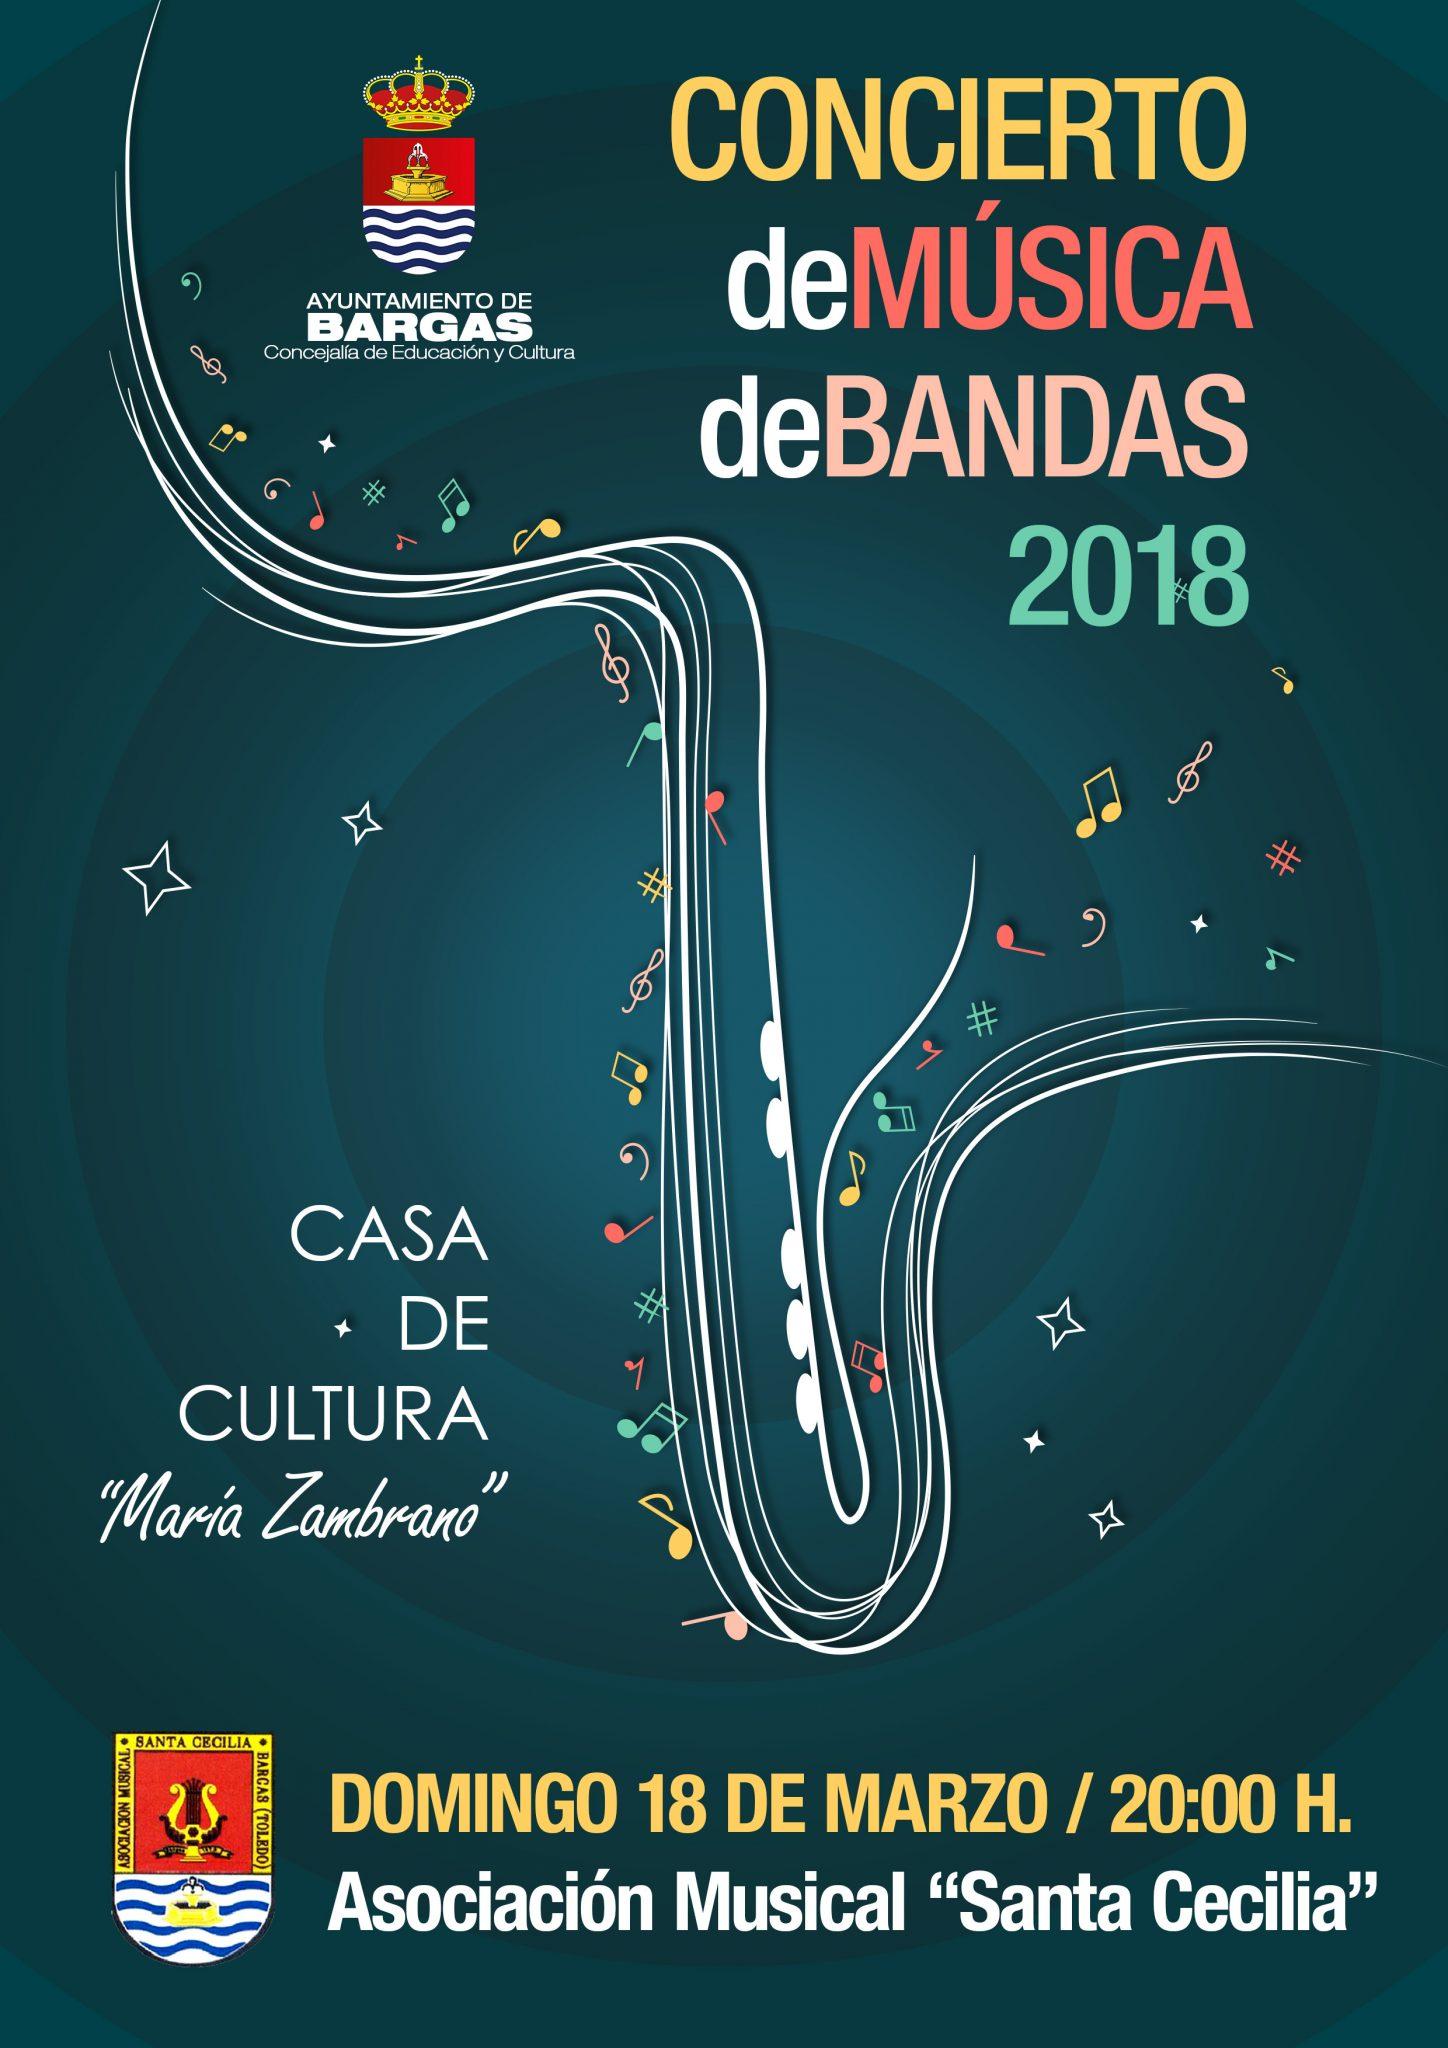 Concierto: Asociación Musical Santa Cecilia